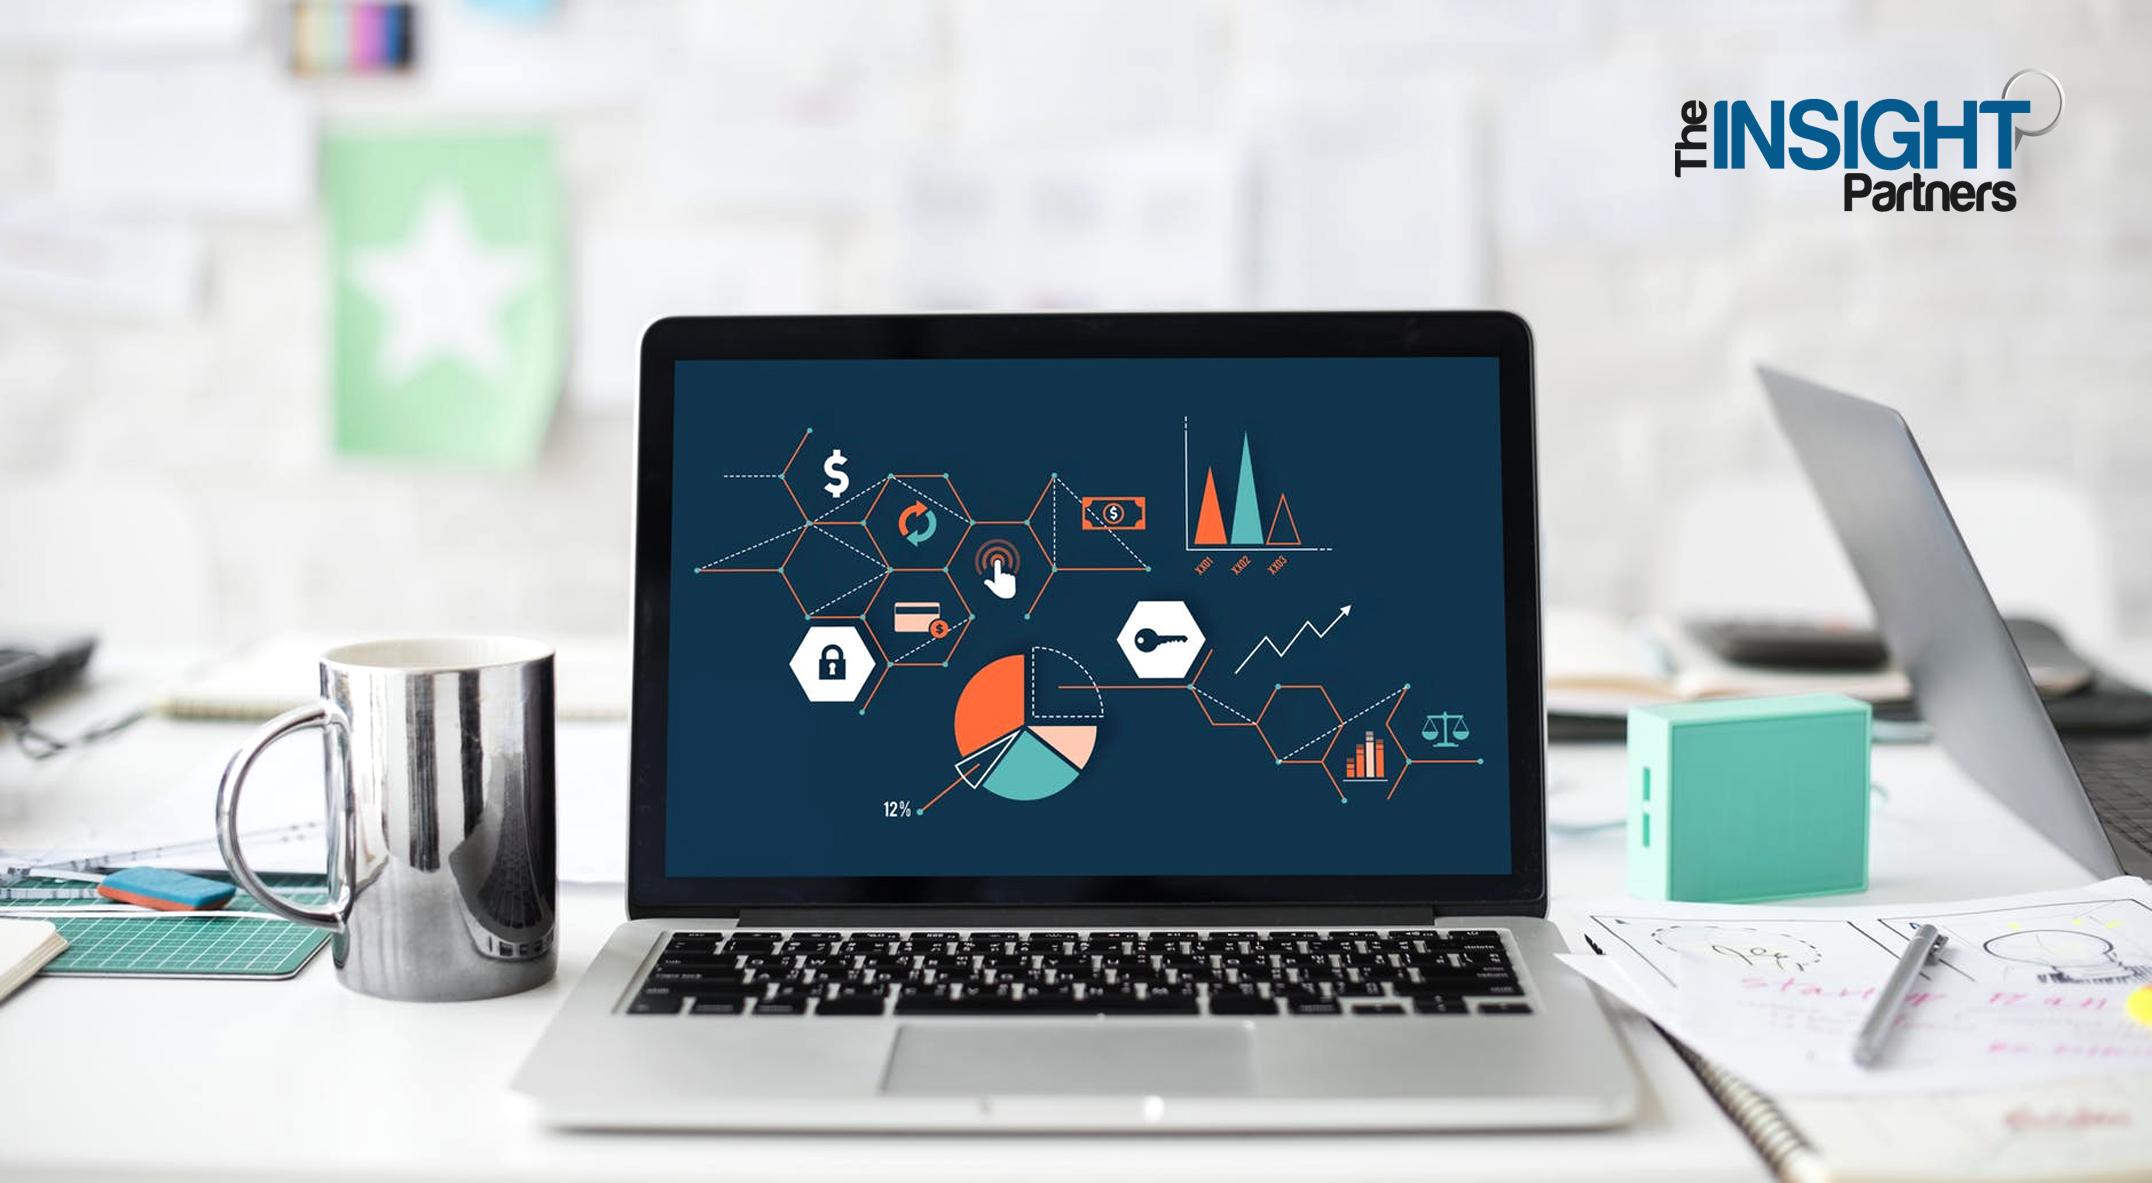 Enterprise Contract Management Marktübersicht, Chancen, Analyse, Ausblick, Wachstumsauswirkungen und Nachfrageprognose bis 2027